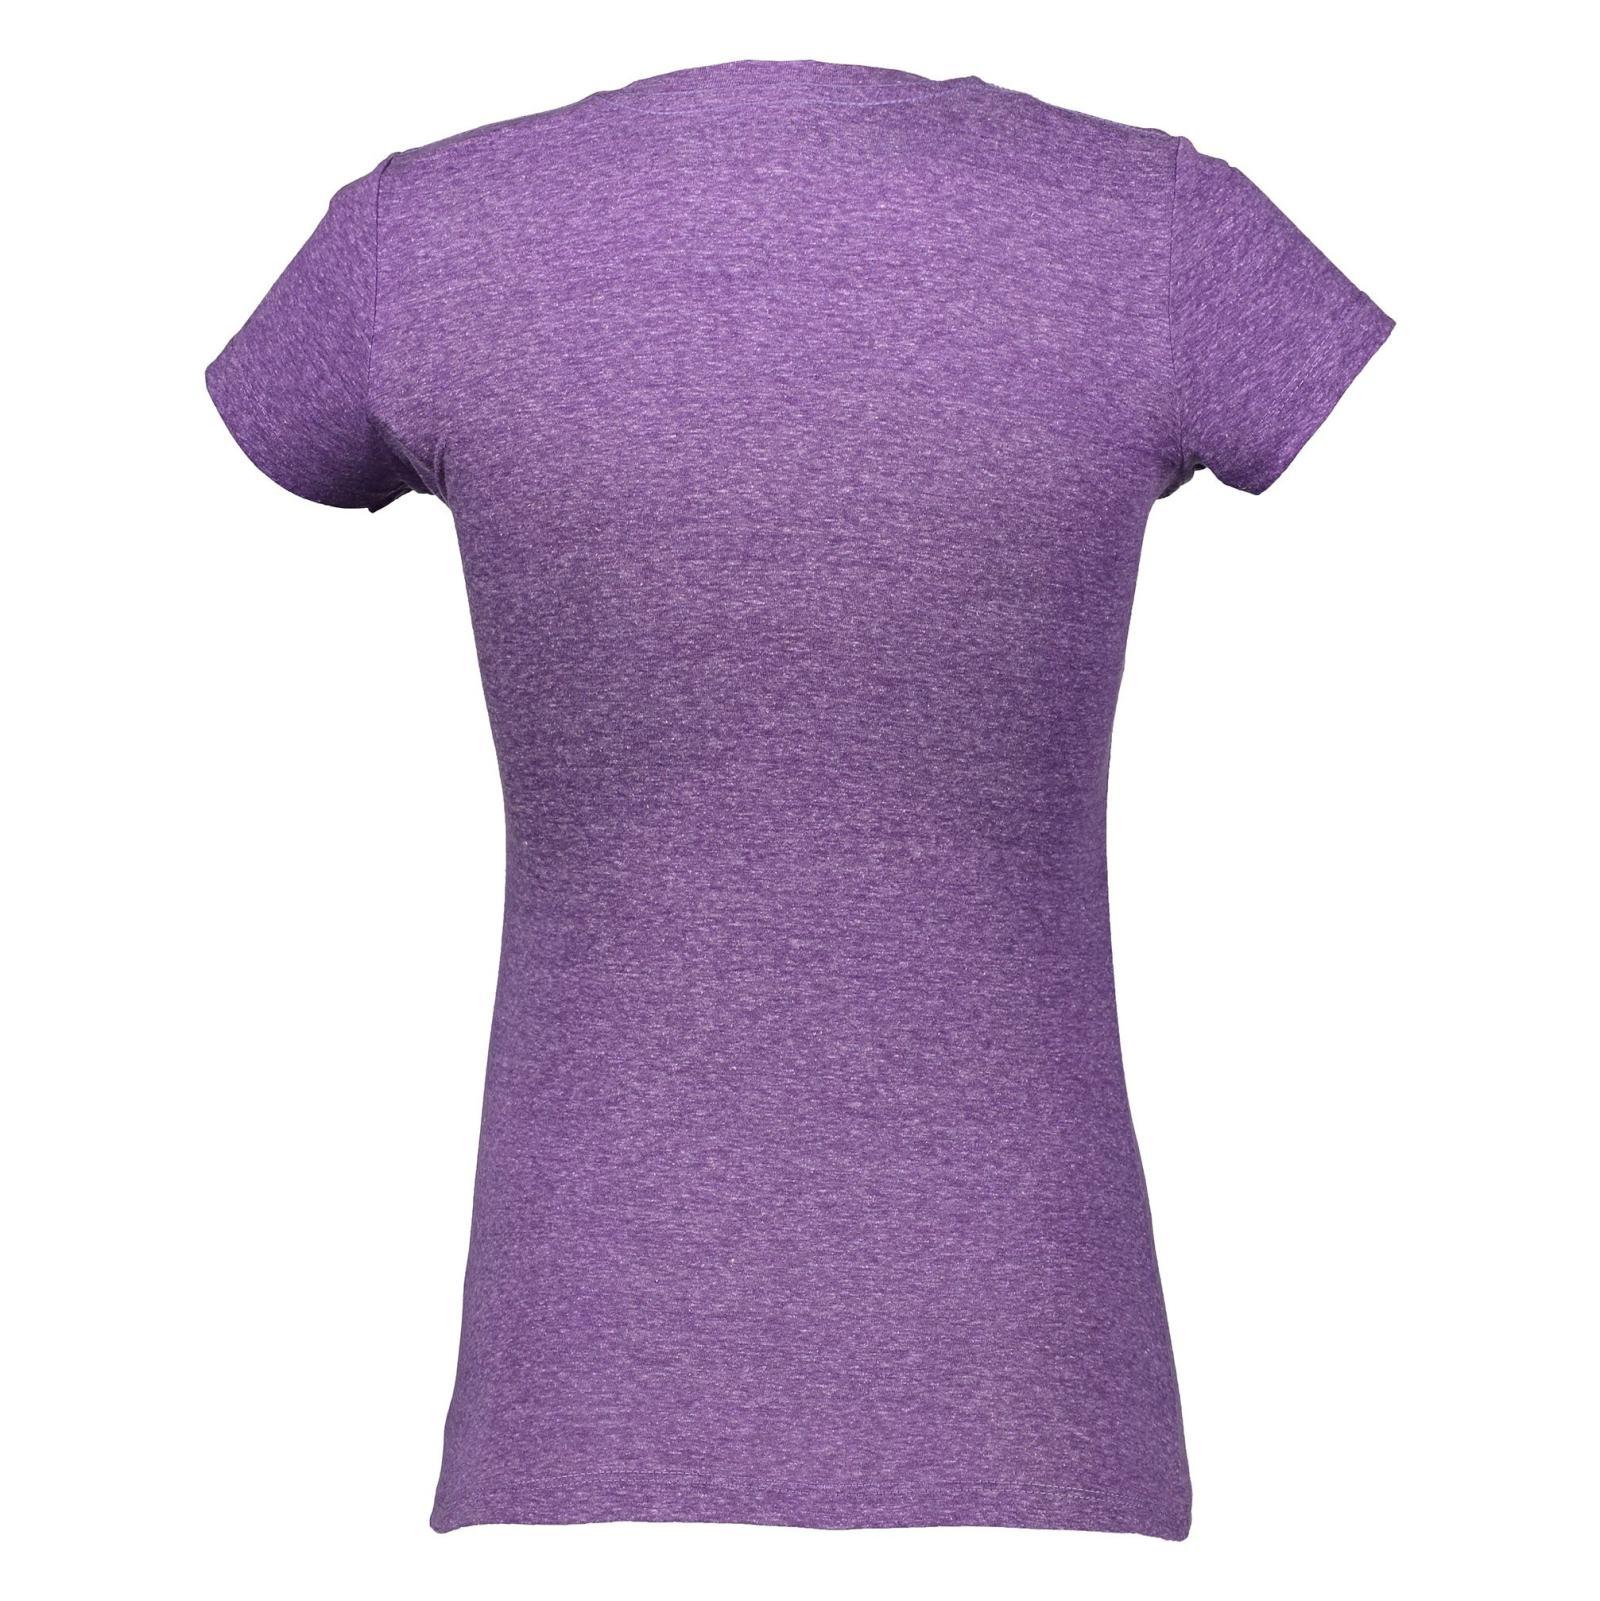 تی شرت یقه گرد زنانه - متی - بنفش - 4